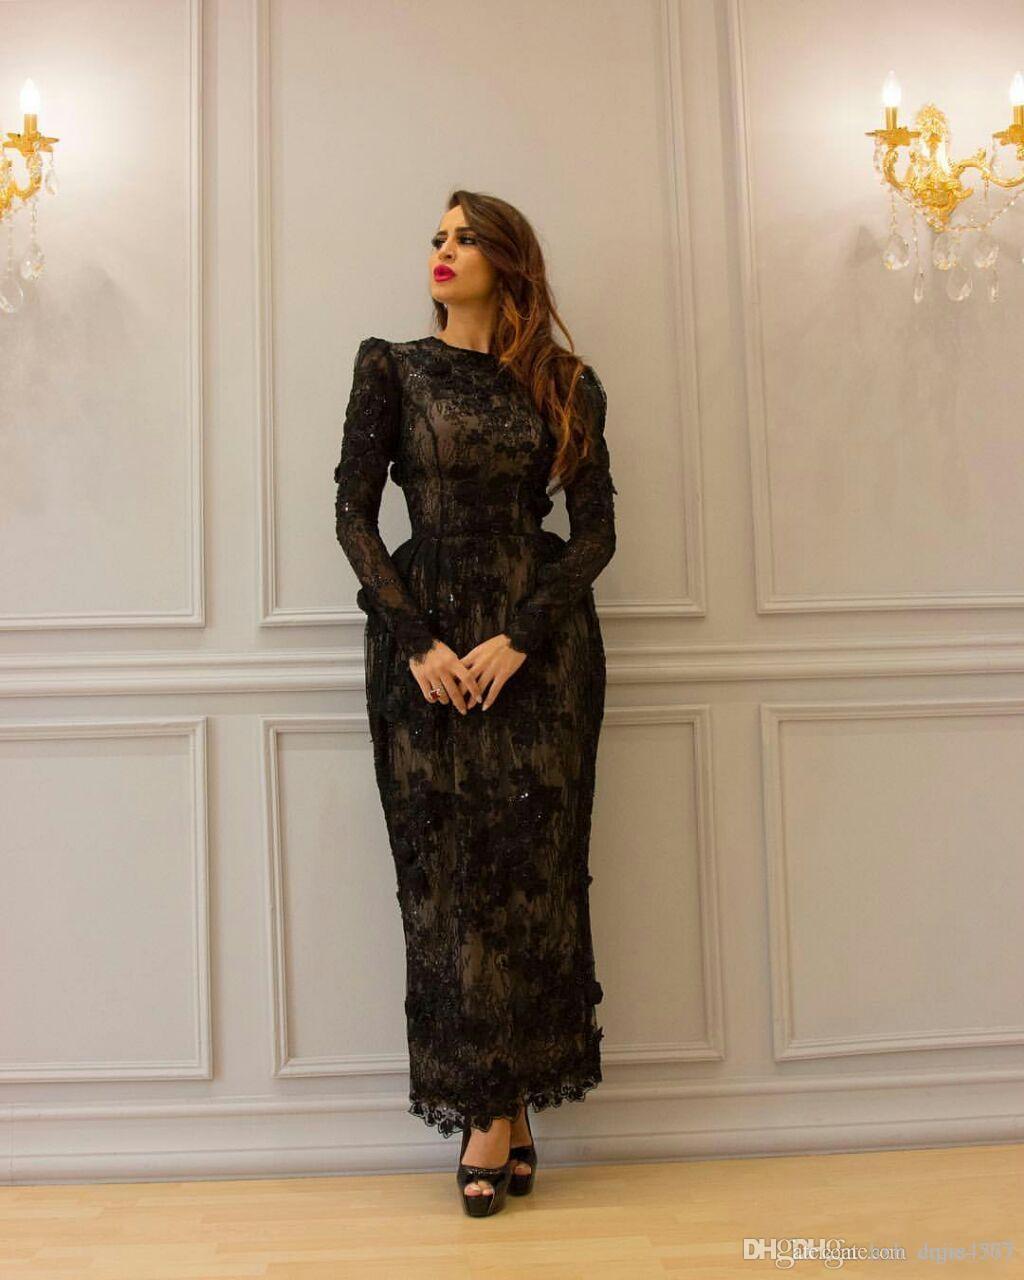 2019 Longitud del vestido Nueva Negro vaina Prom Vestidos de manga larga con cuentas apliques de encaje de tobillo con el partido Vestidos Negro AW364